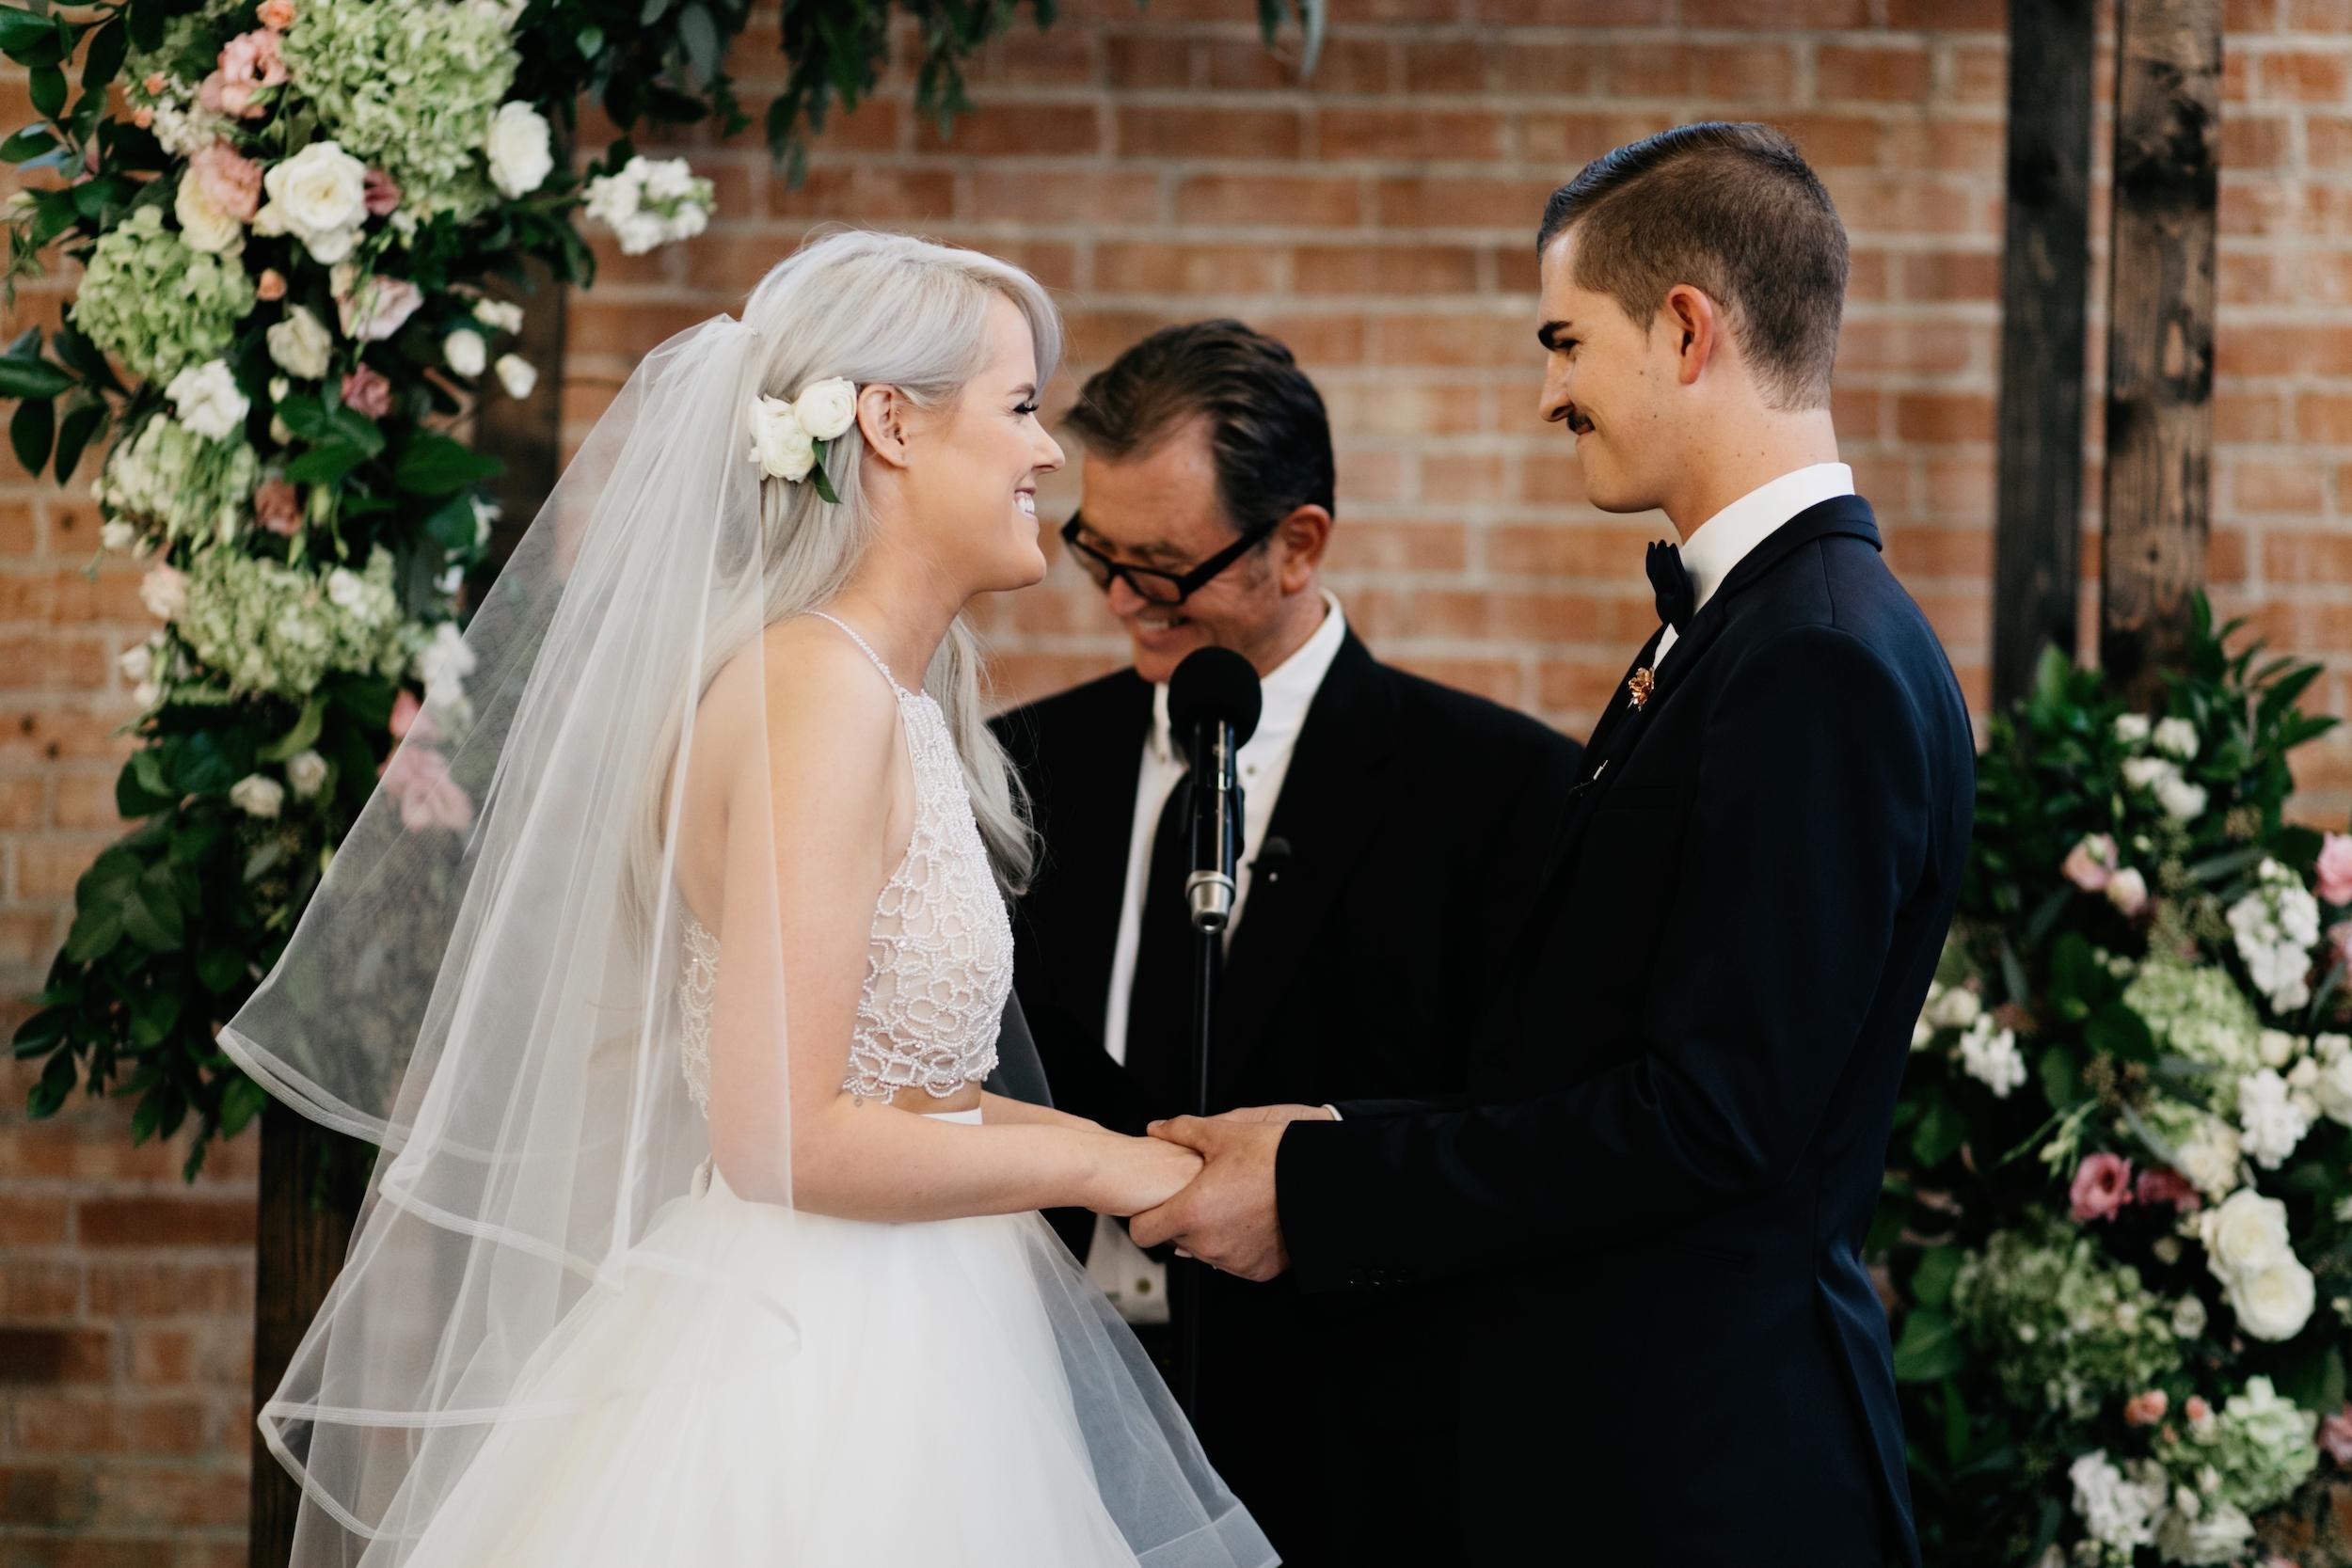 arizona - wedding - photography 01590.jpg